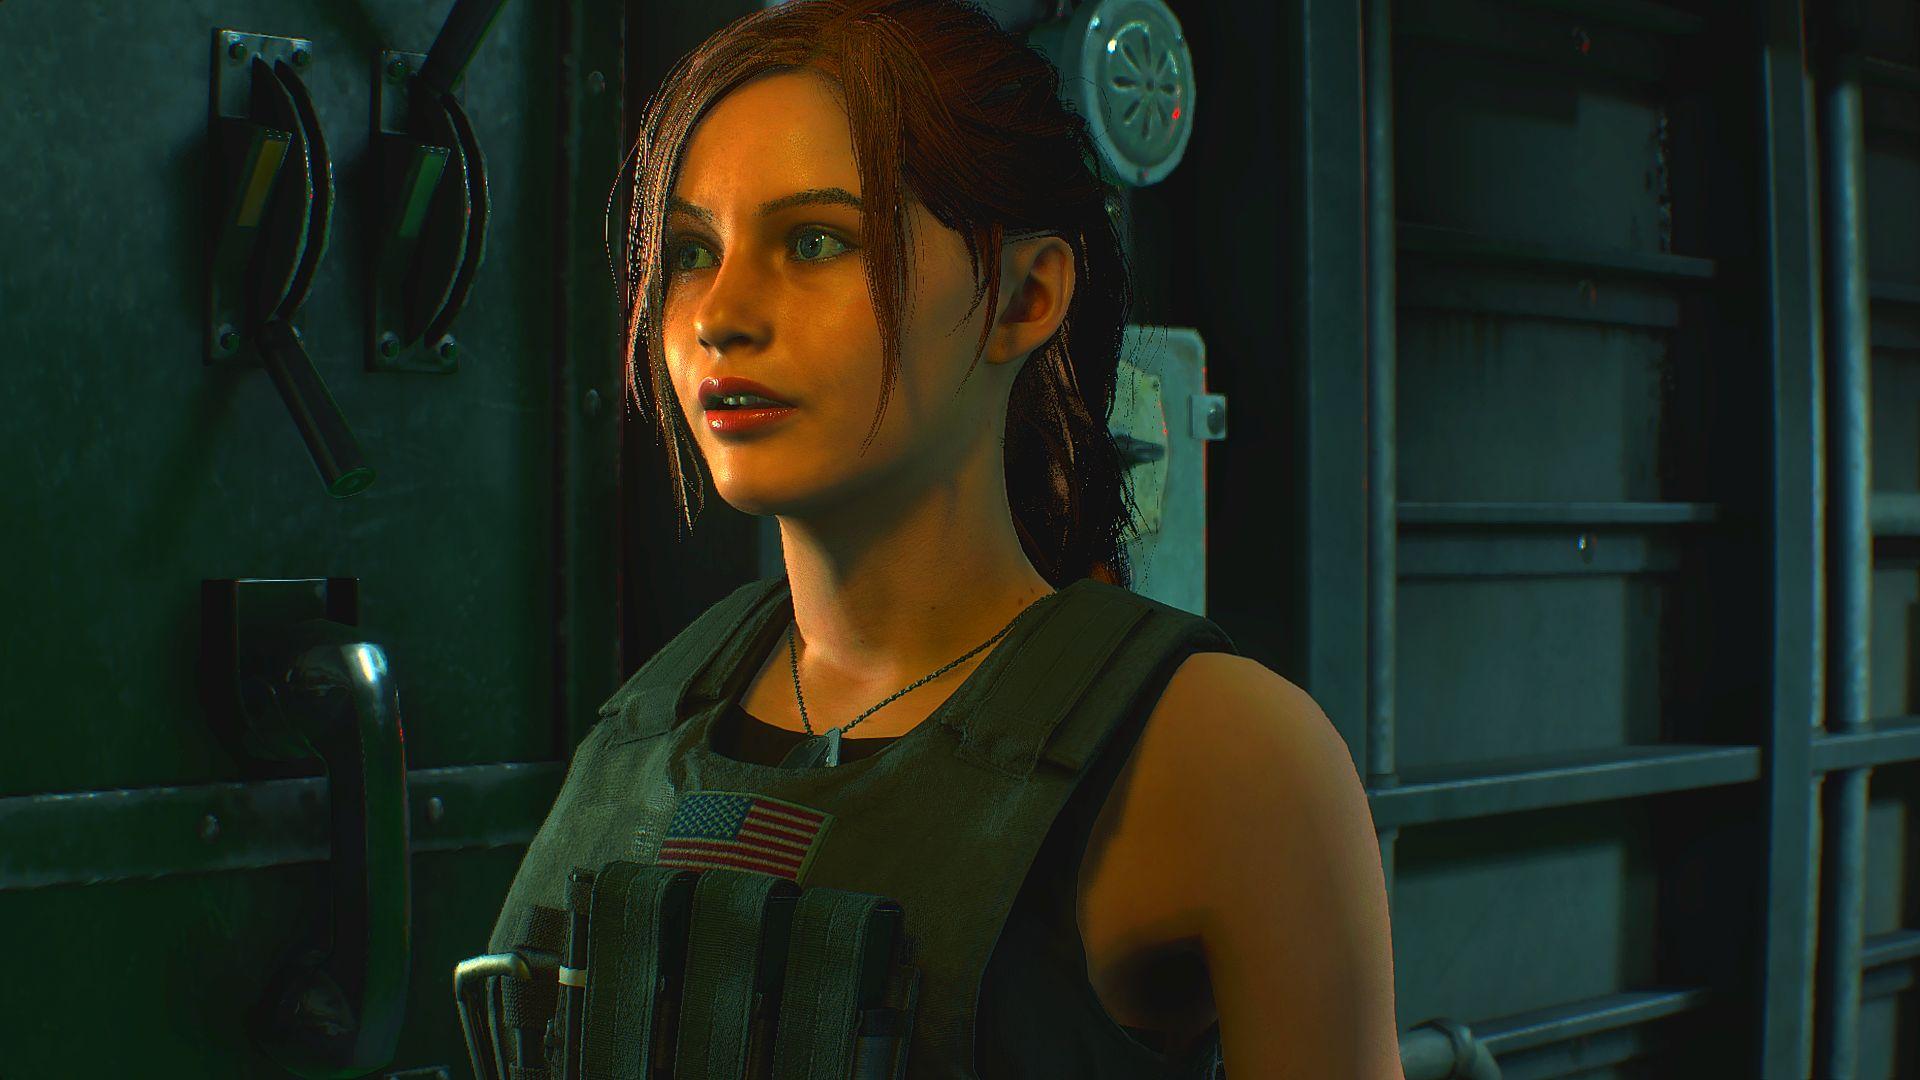 000216.Jpg - Resident Evil 2